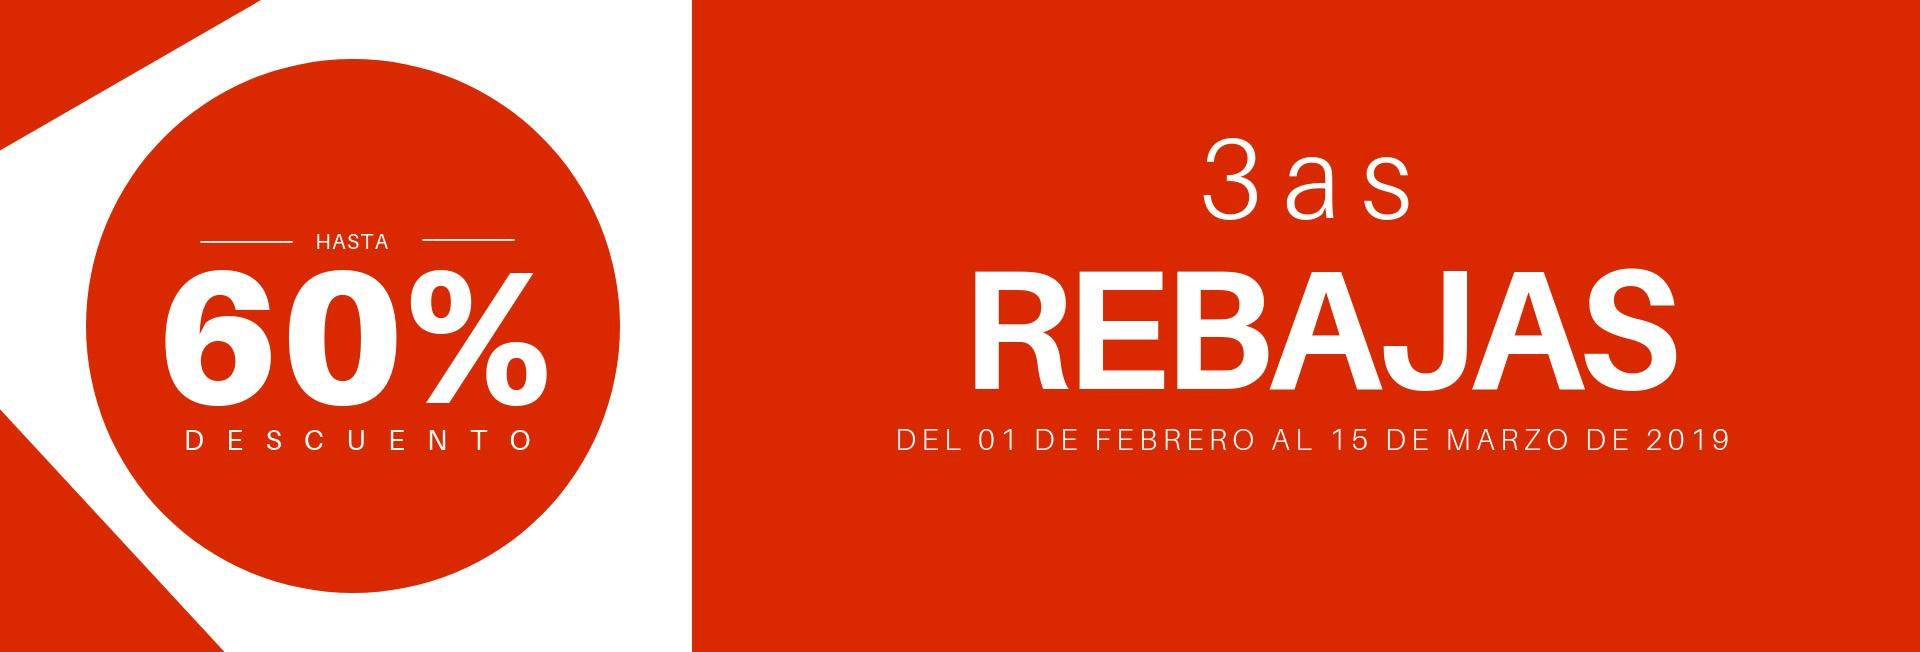 3as Rebajas